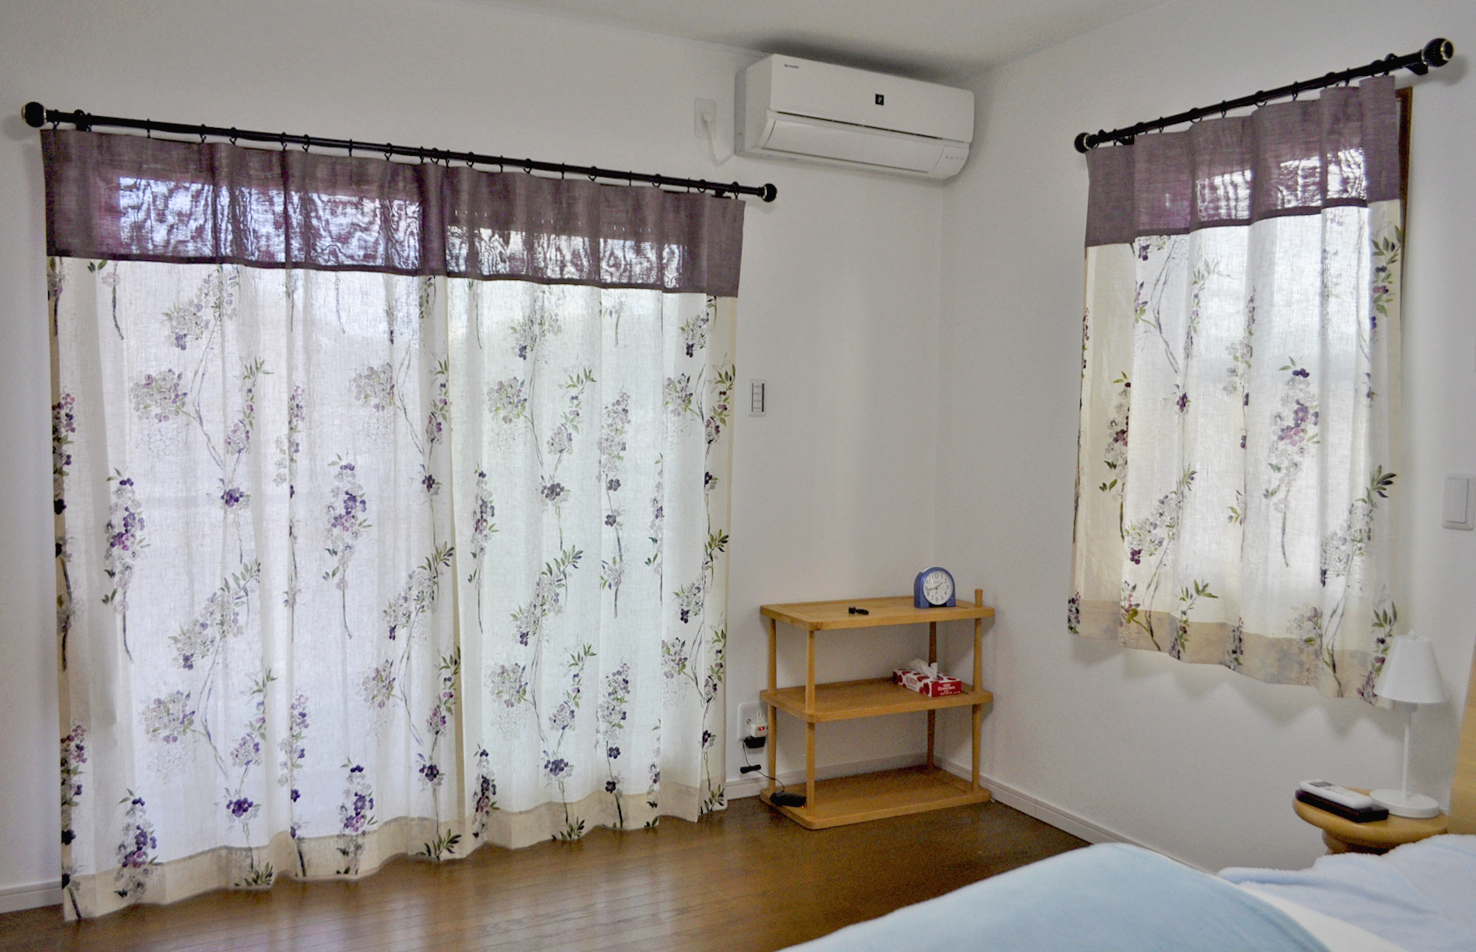 花柄リネンドレープ バイオレットカラーのボーダースタイルカーテン カーテンの掛け替え